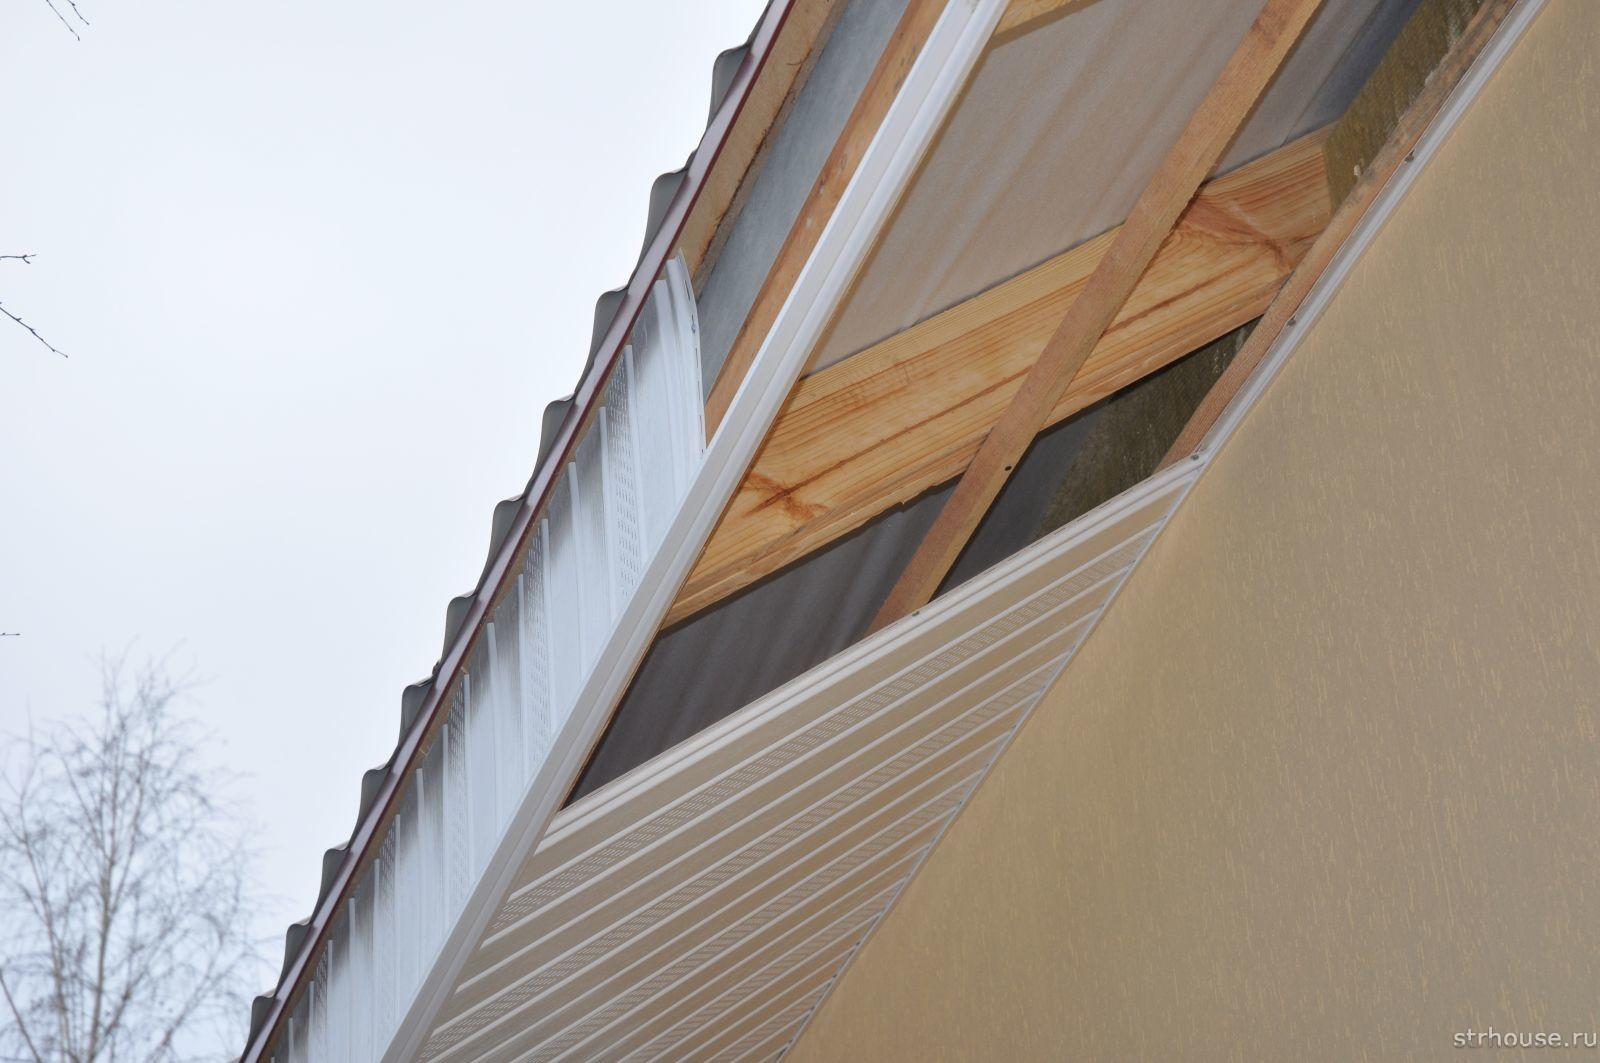 Подшивка карнизов крыши по стропилам